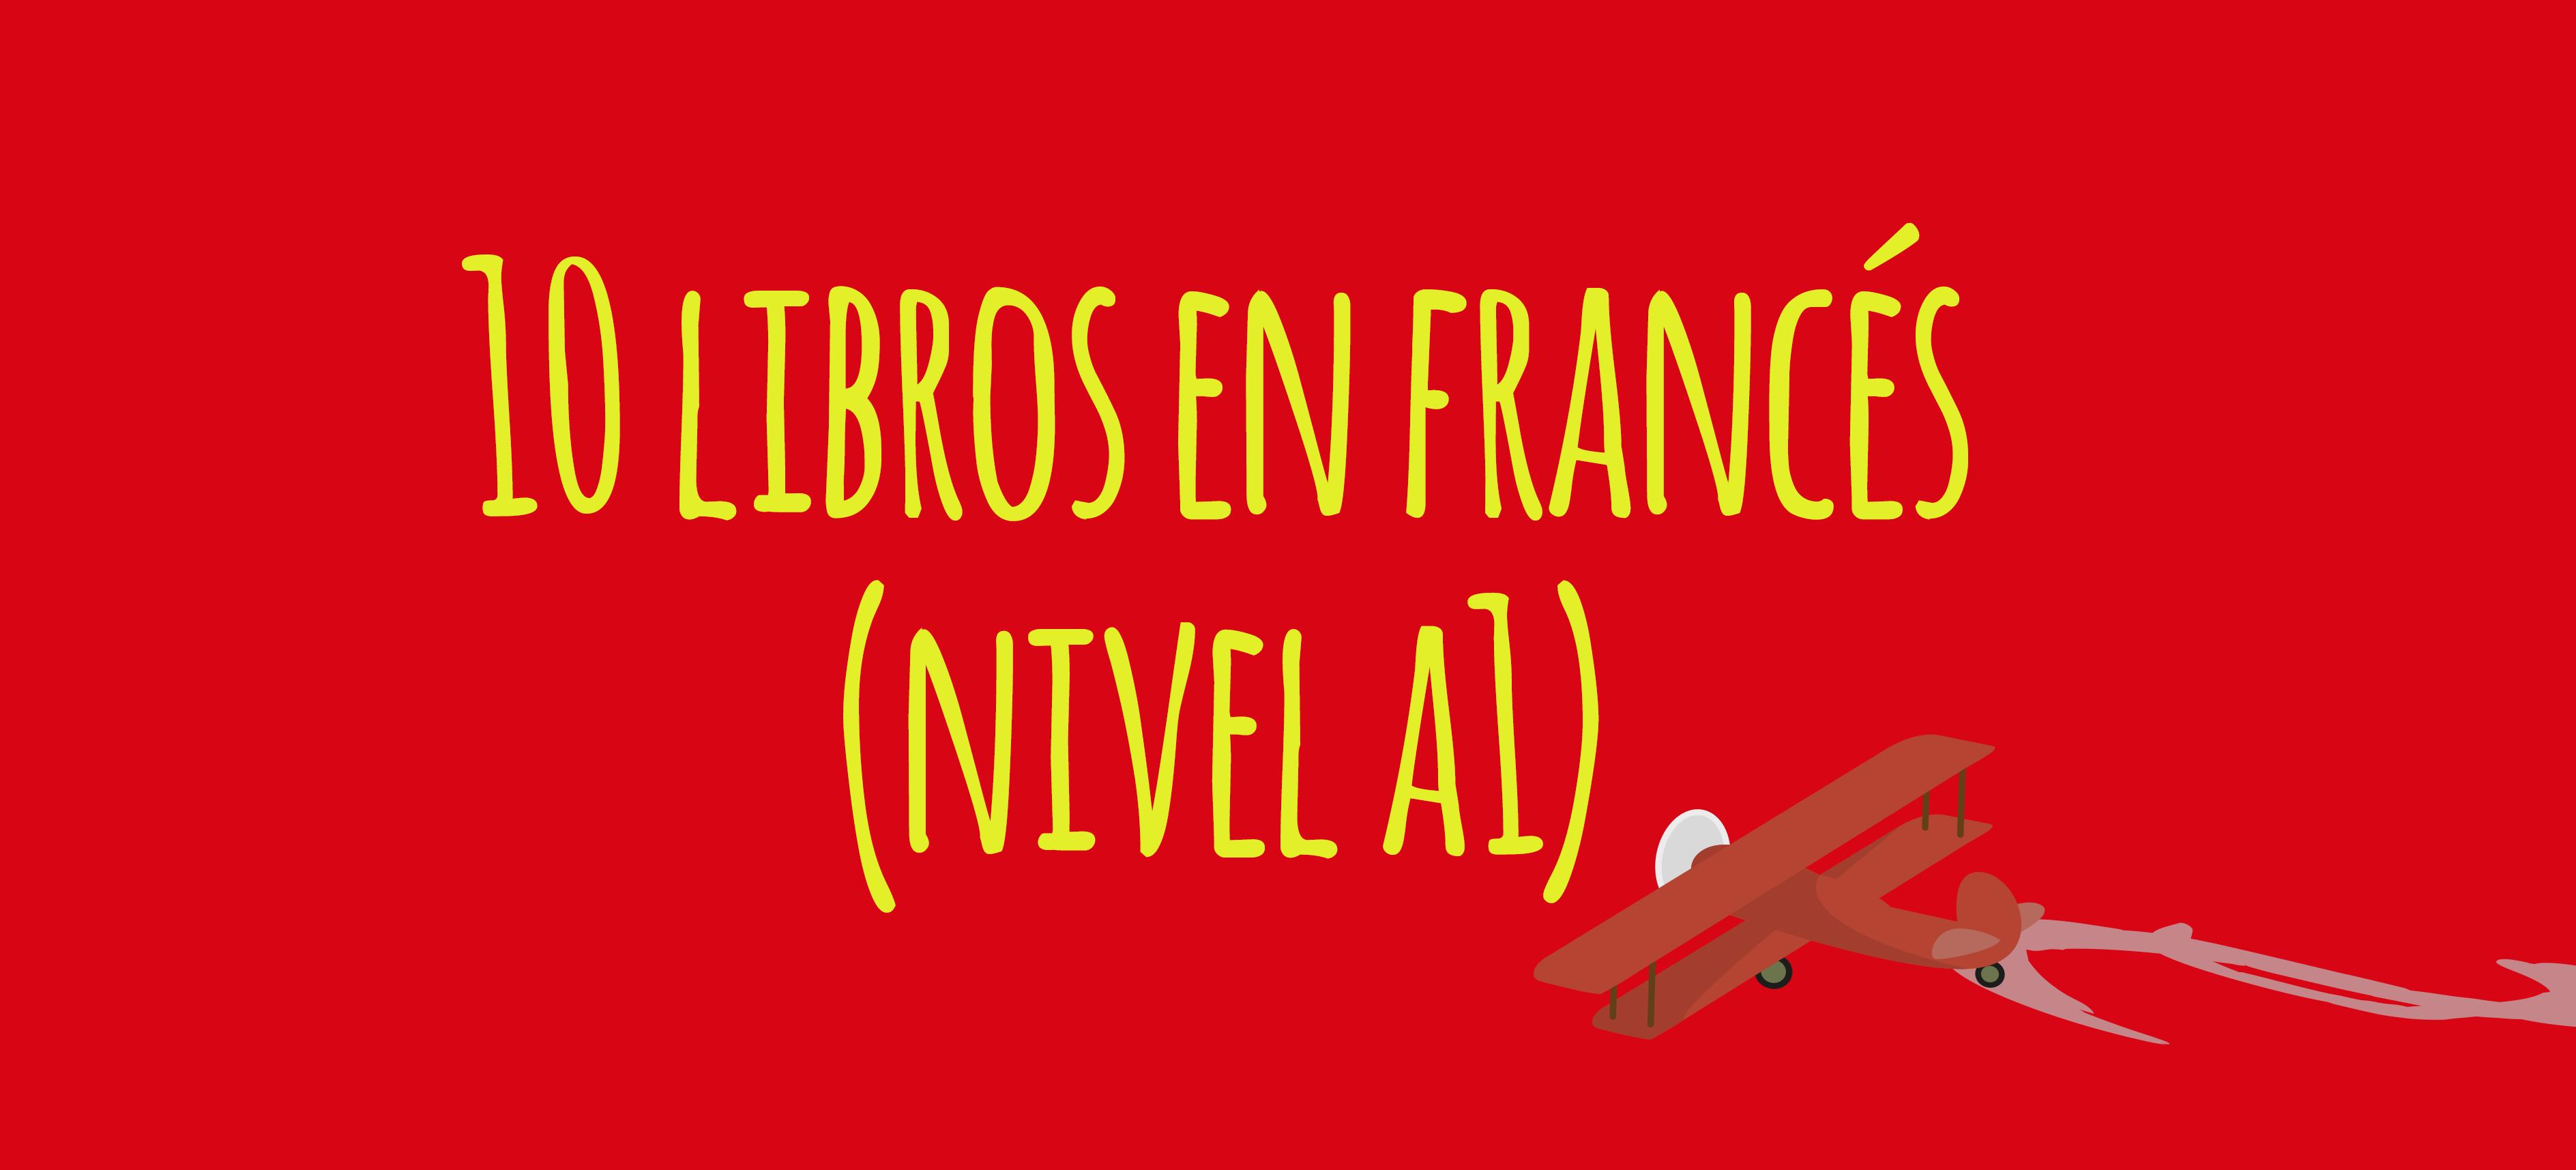 10 libros de lectura para franc s nivel a1 el blog de for Libros de botanica pdf